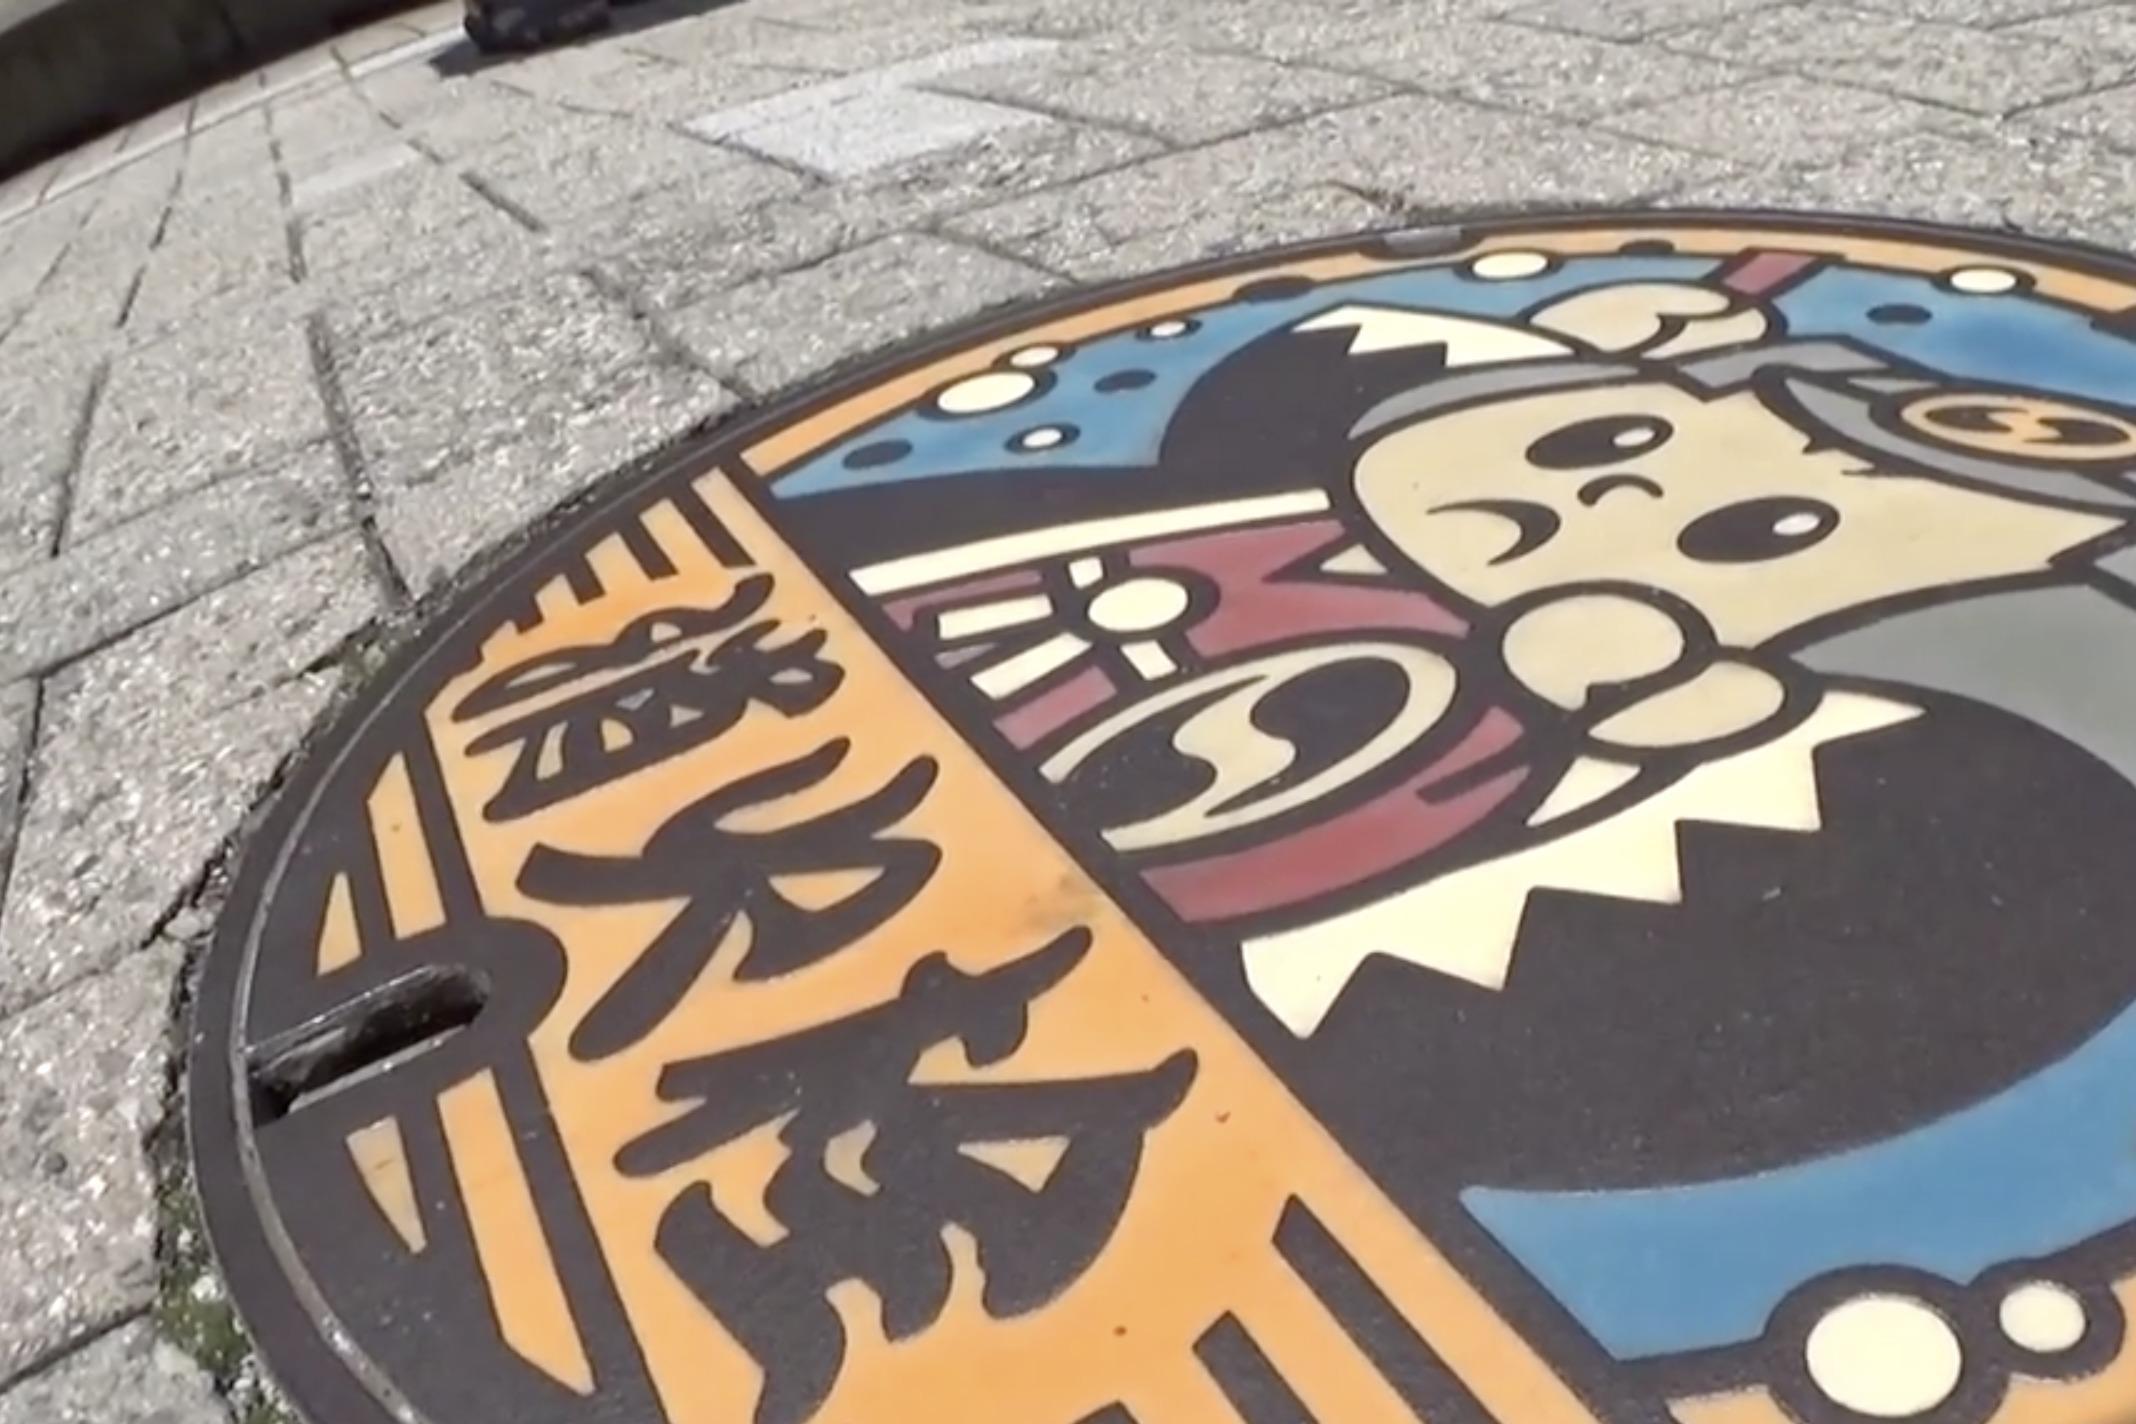 孔盖也可以做到这么精美,走进日本,欣赏不同的地域文化!